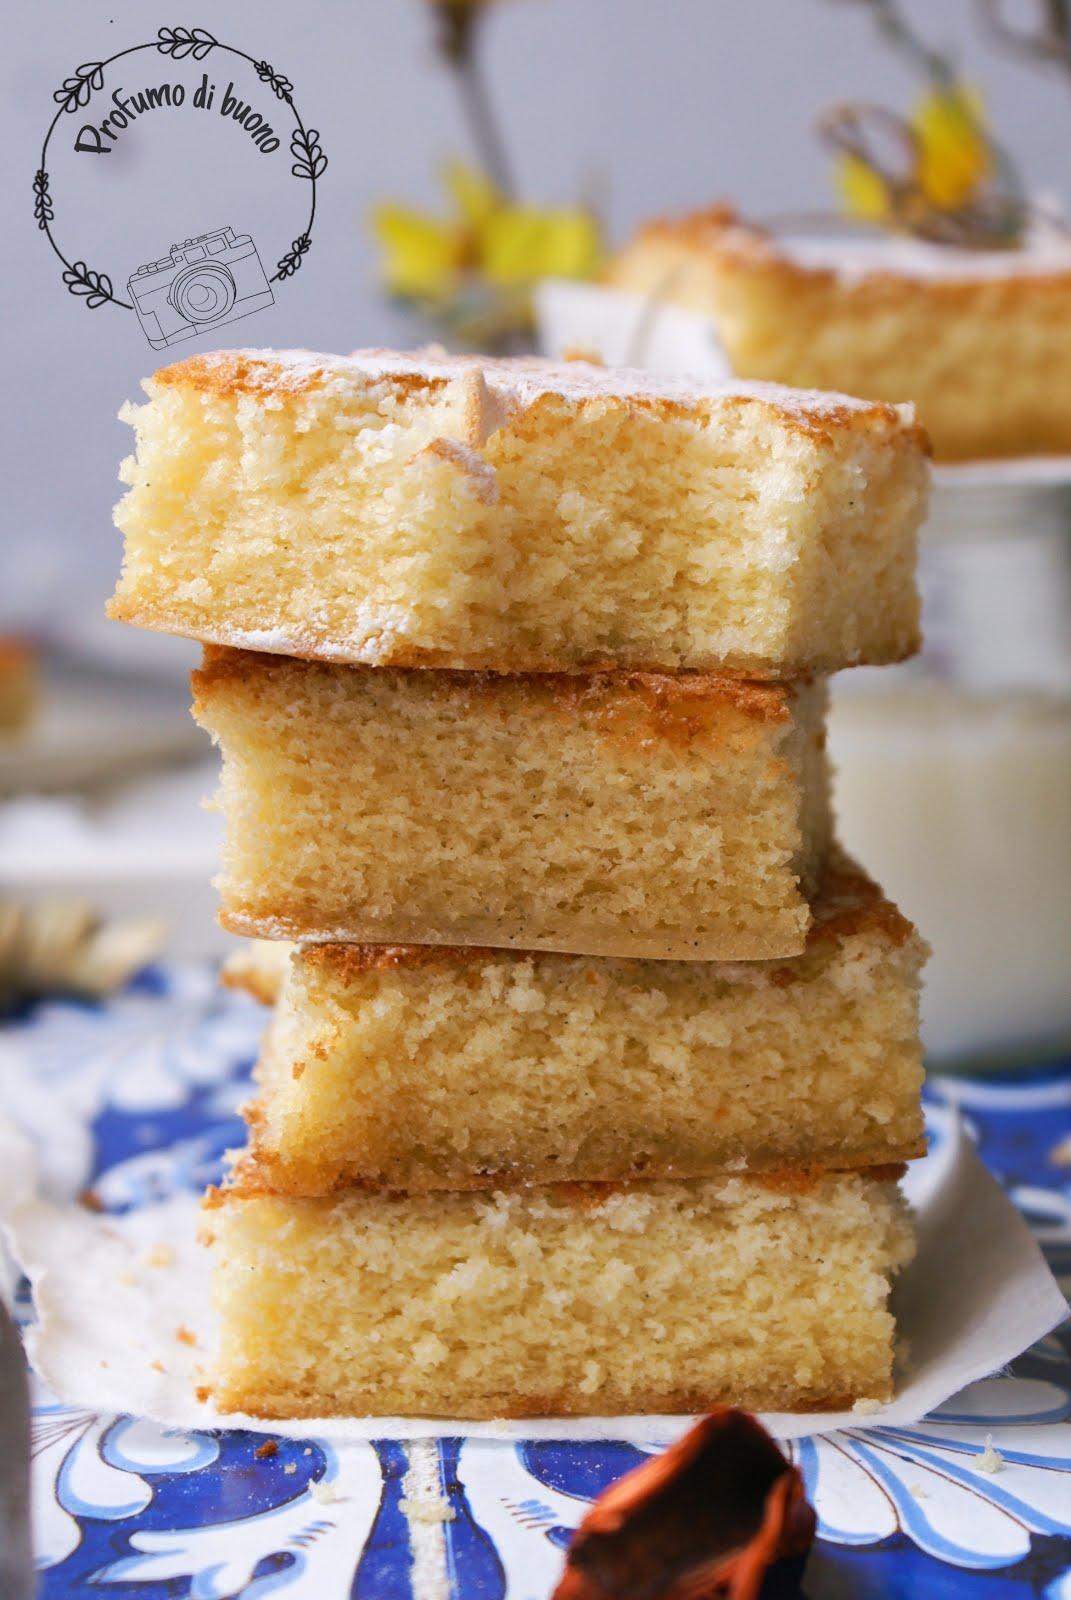 Torta al latte caldo senza glutine con zucchero a velo